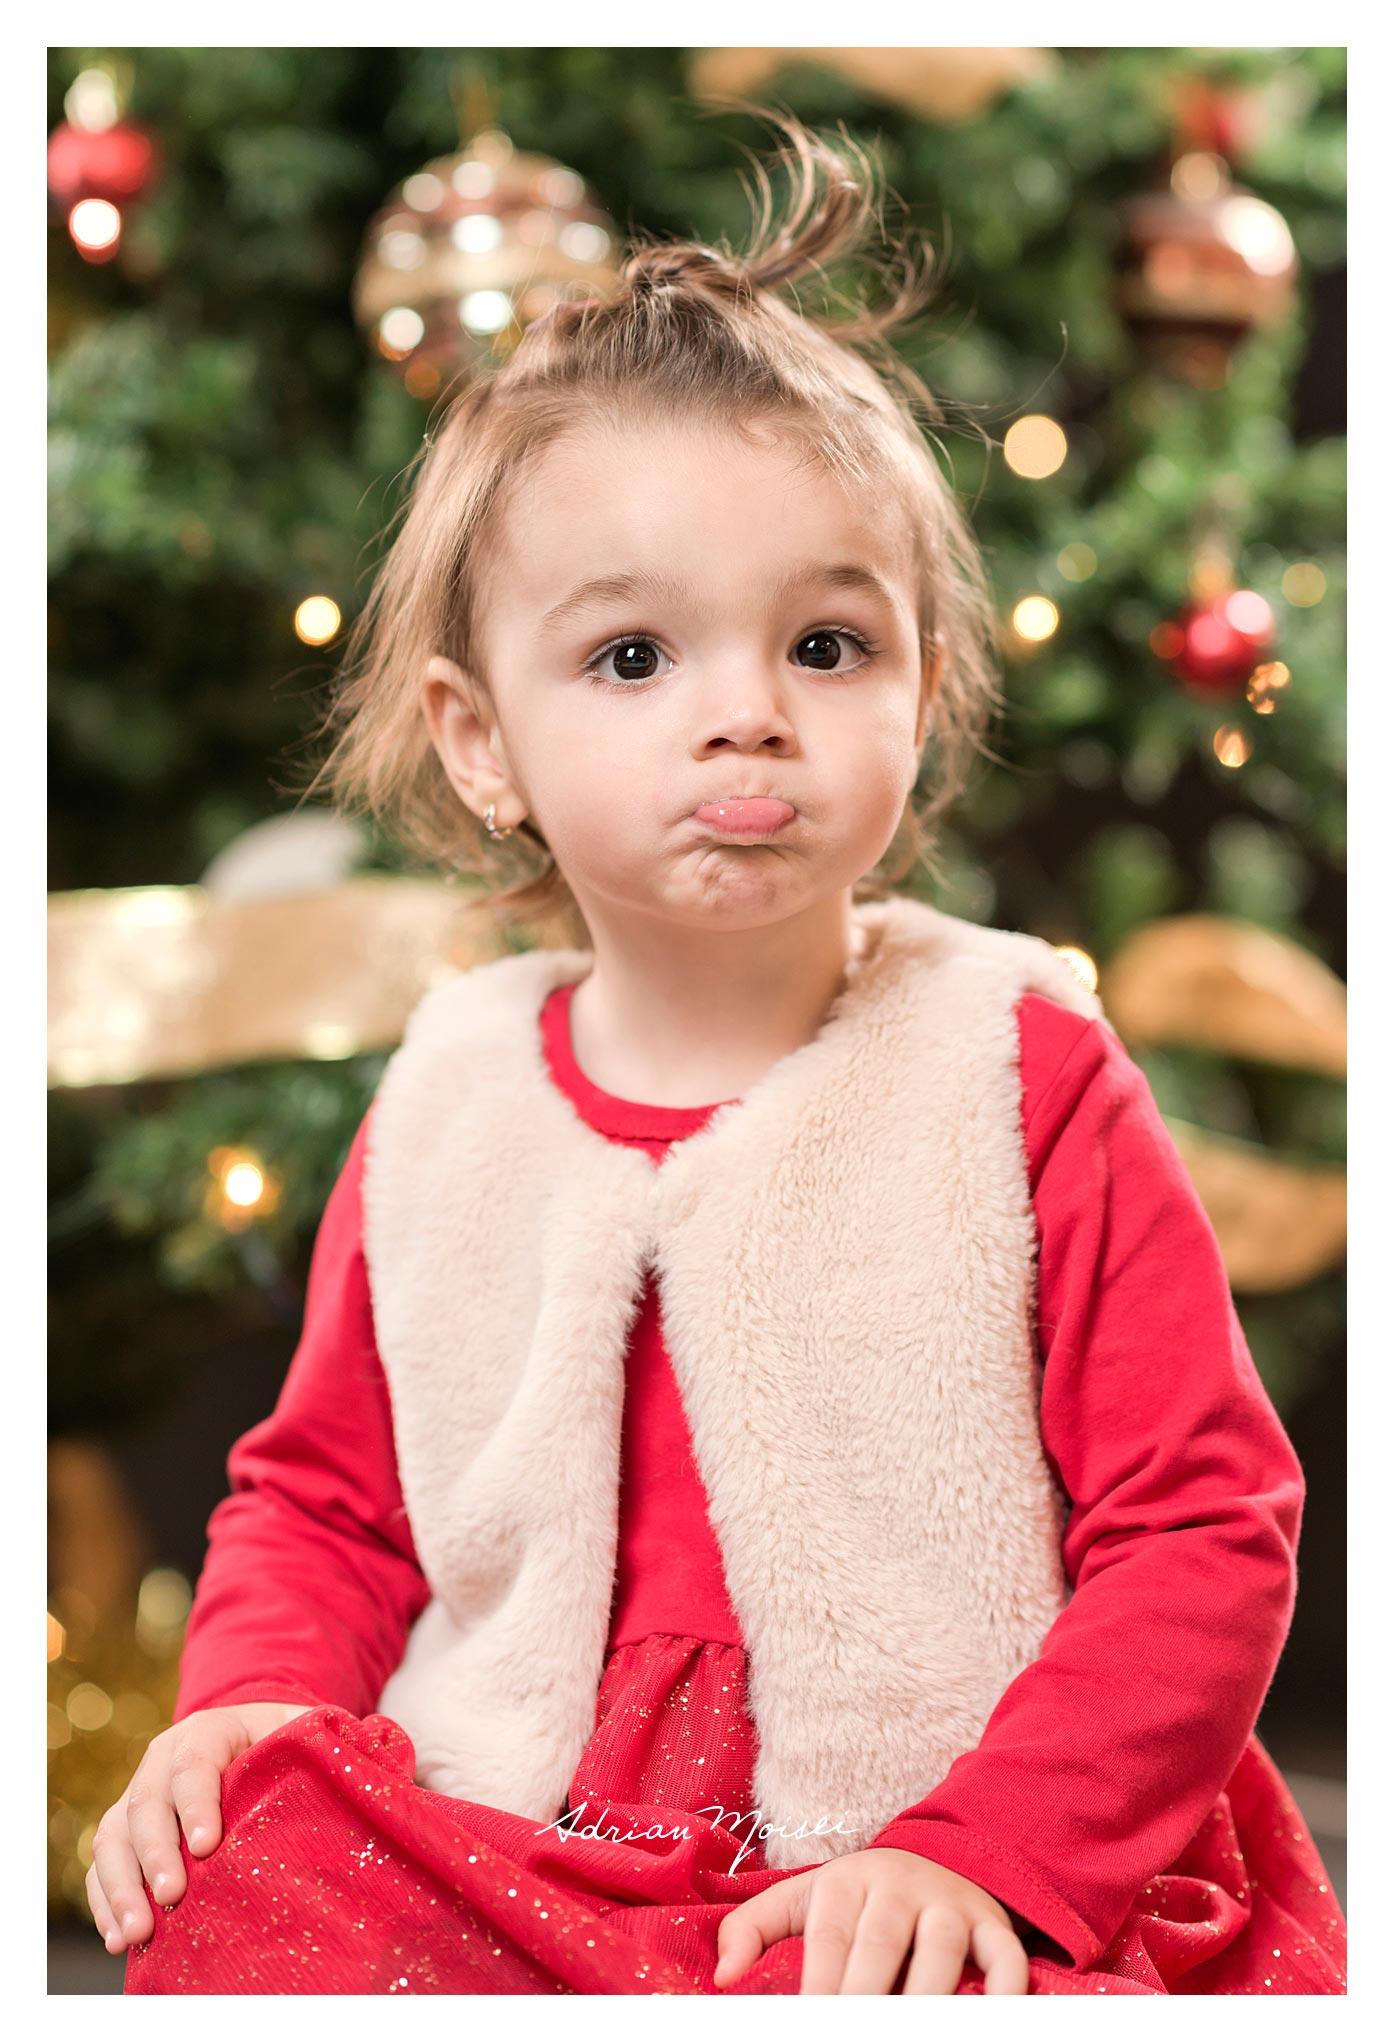 De Crăciun, fotografie de familie, de Adrian Moisei